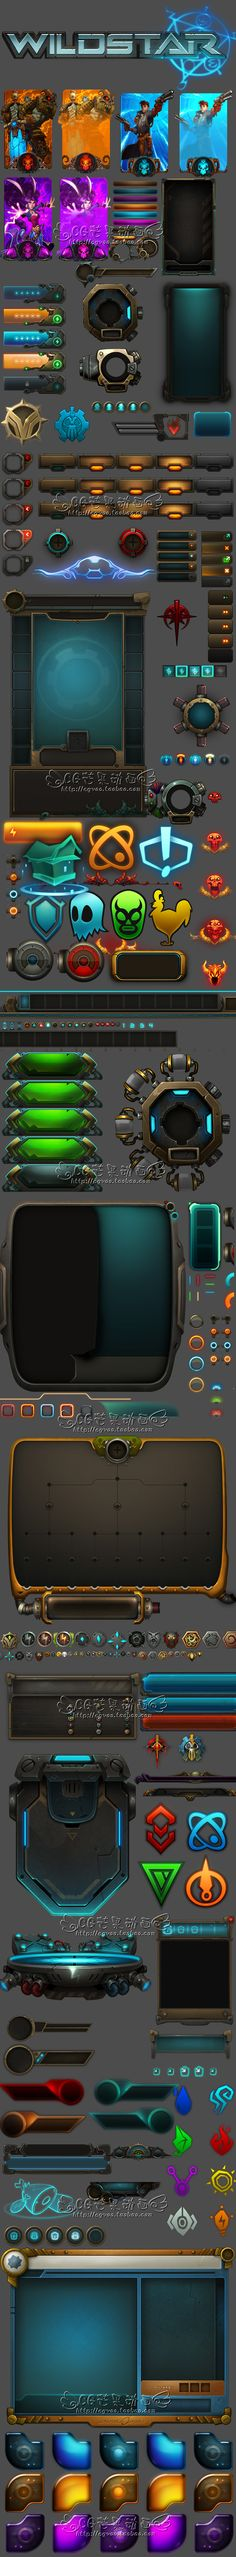 游戏美术资源/韩游科技机械金属风UI素材/图标icon/界面/截图